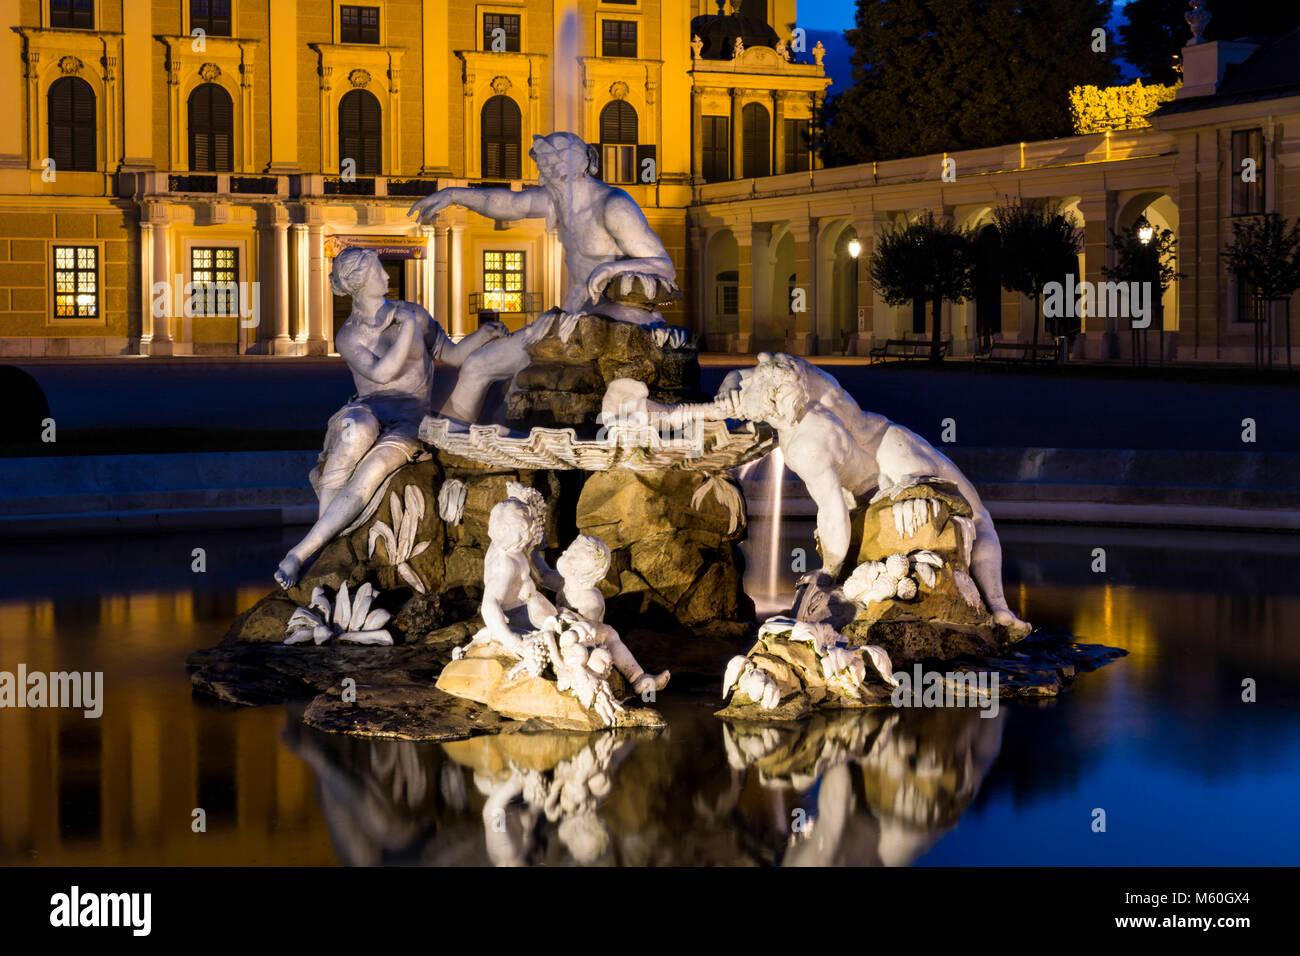 Le palais de Schönbrunn et l'une des Fontaines (esprits de Naiad sources et rivières) illuminé Photo Stock